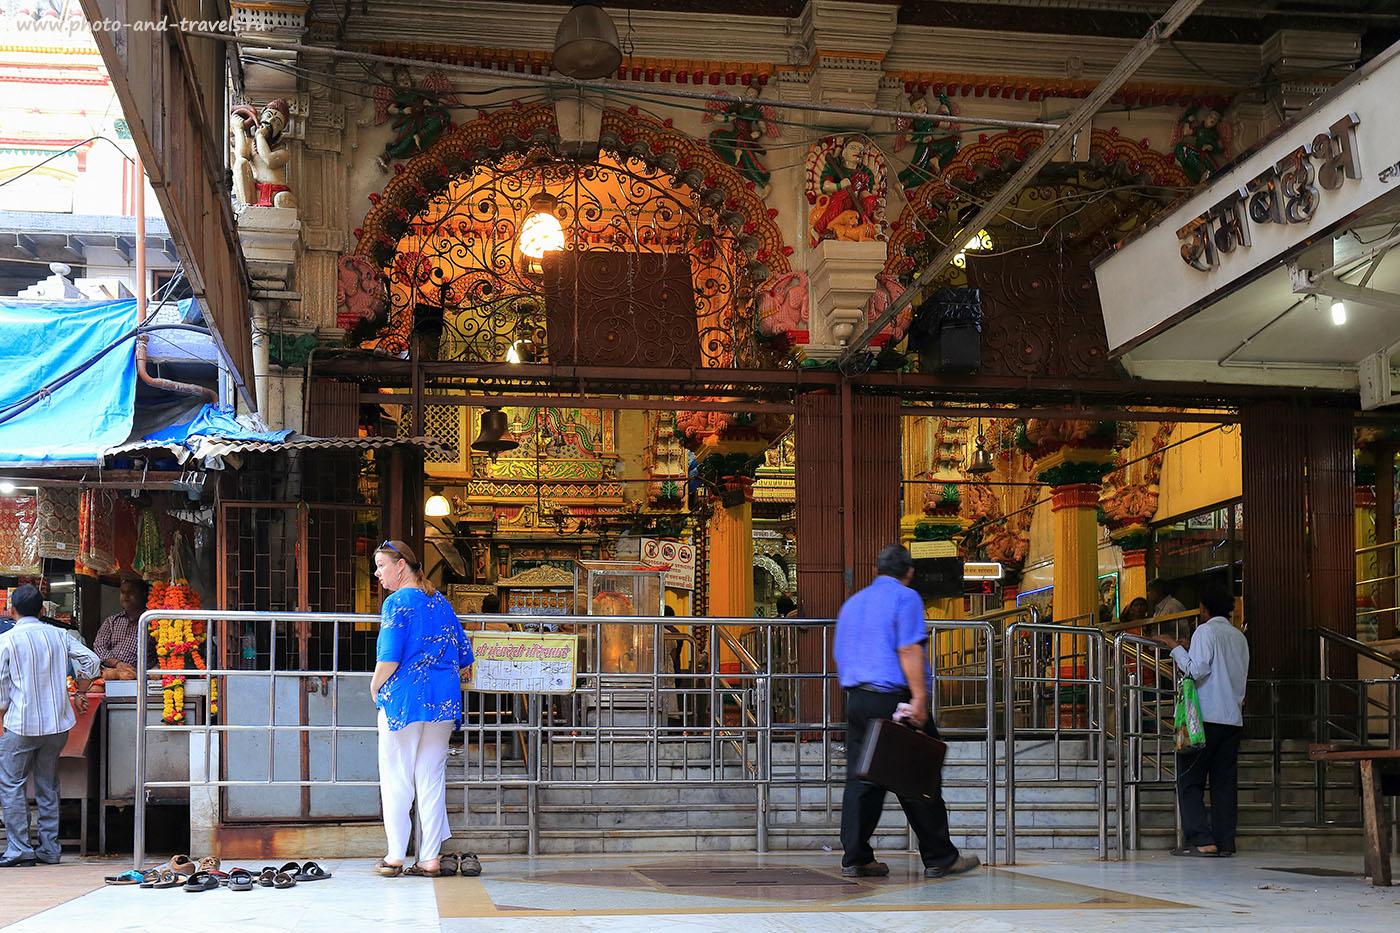 Фотография 9. Храм Мумба Деви в Мумбаи. Самостоятельный тур по Индии (24-70, 1/20, -1eV, f8, 27 mm, ISO 640)